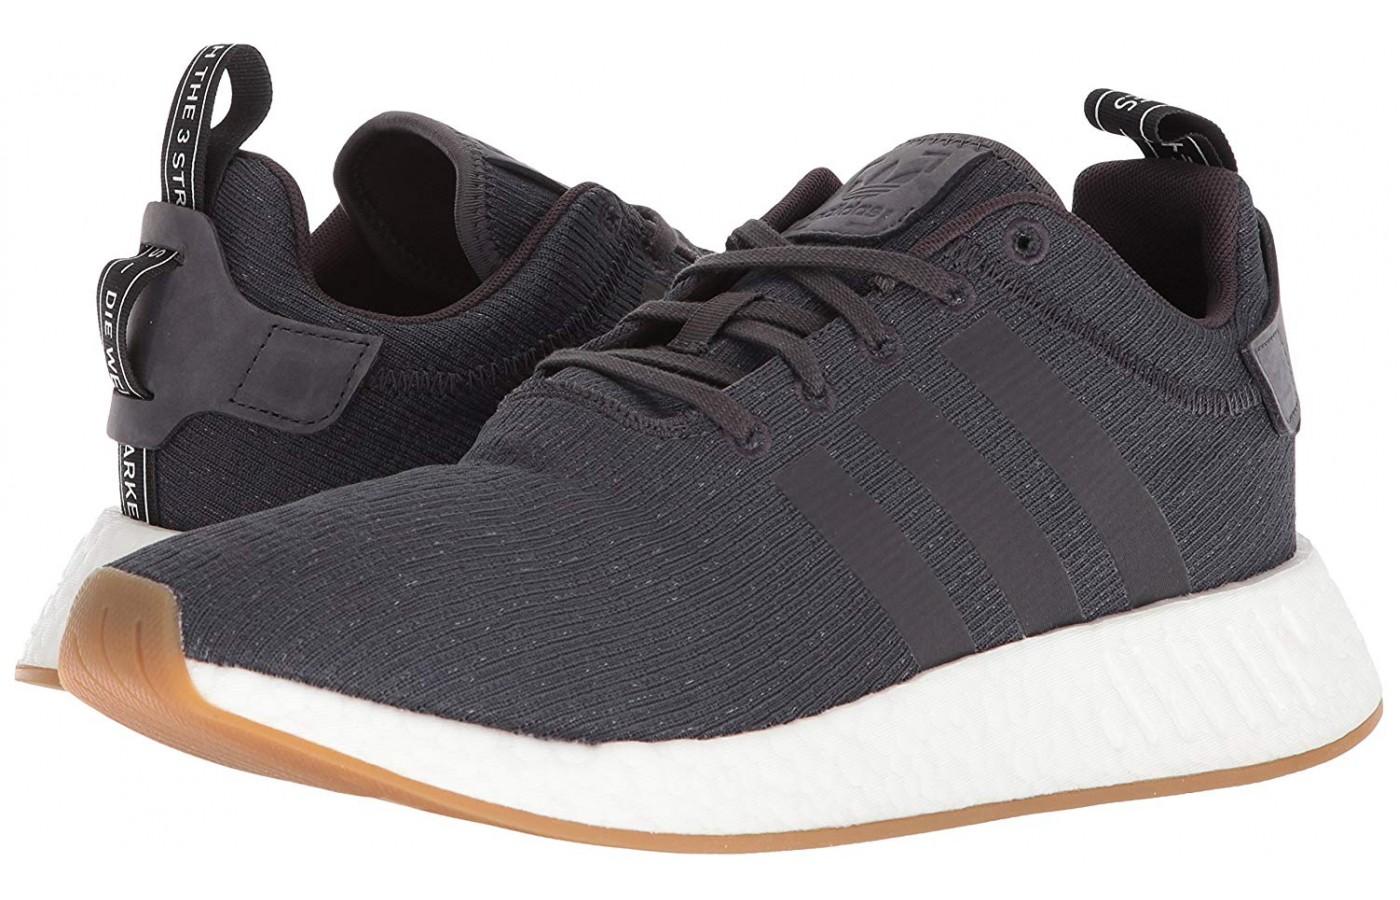 Adidas NMD_R2 pair